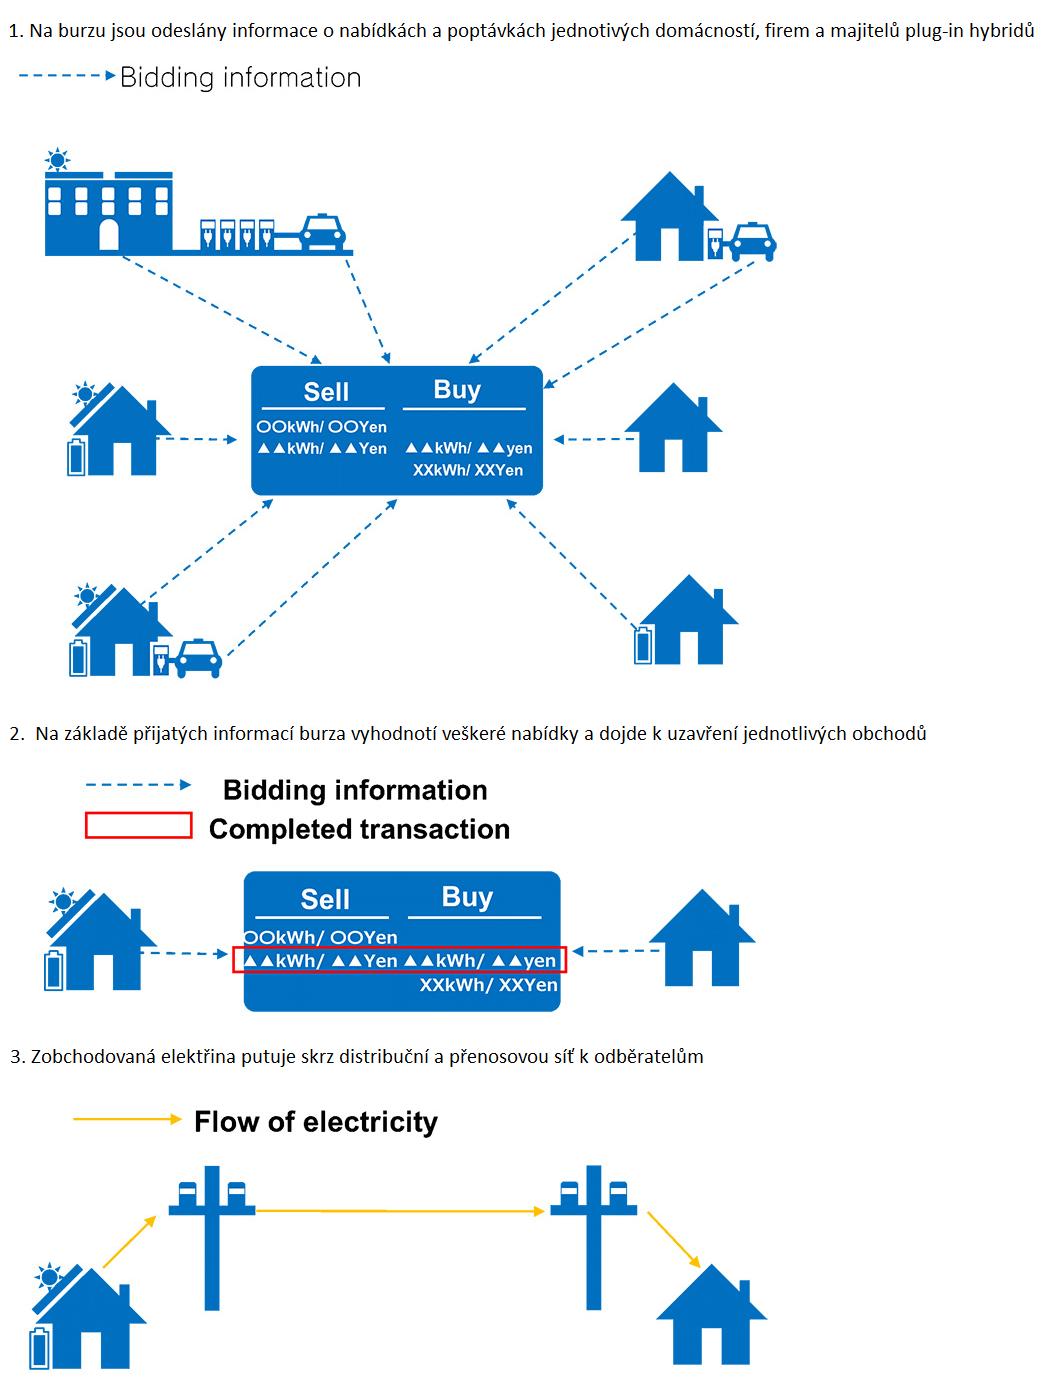 Pilotní projekt má ověřit možnosti obchodování s elektrickou energií mezi odběrateli a malovýrobci. Zdroj: Toyota